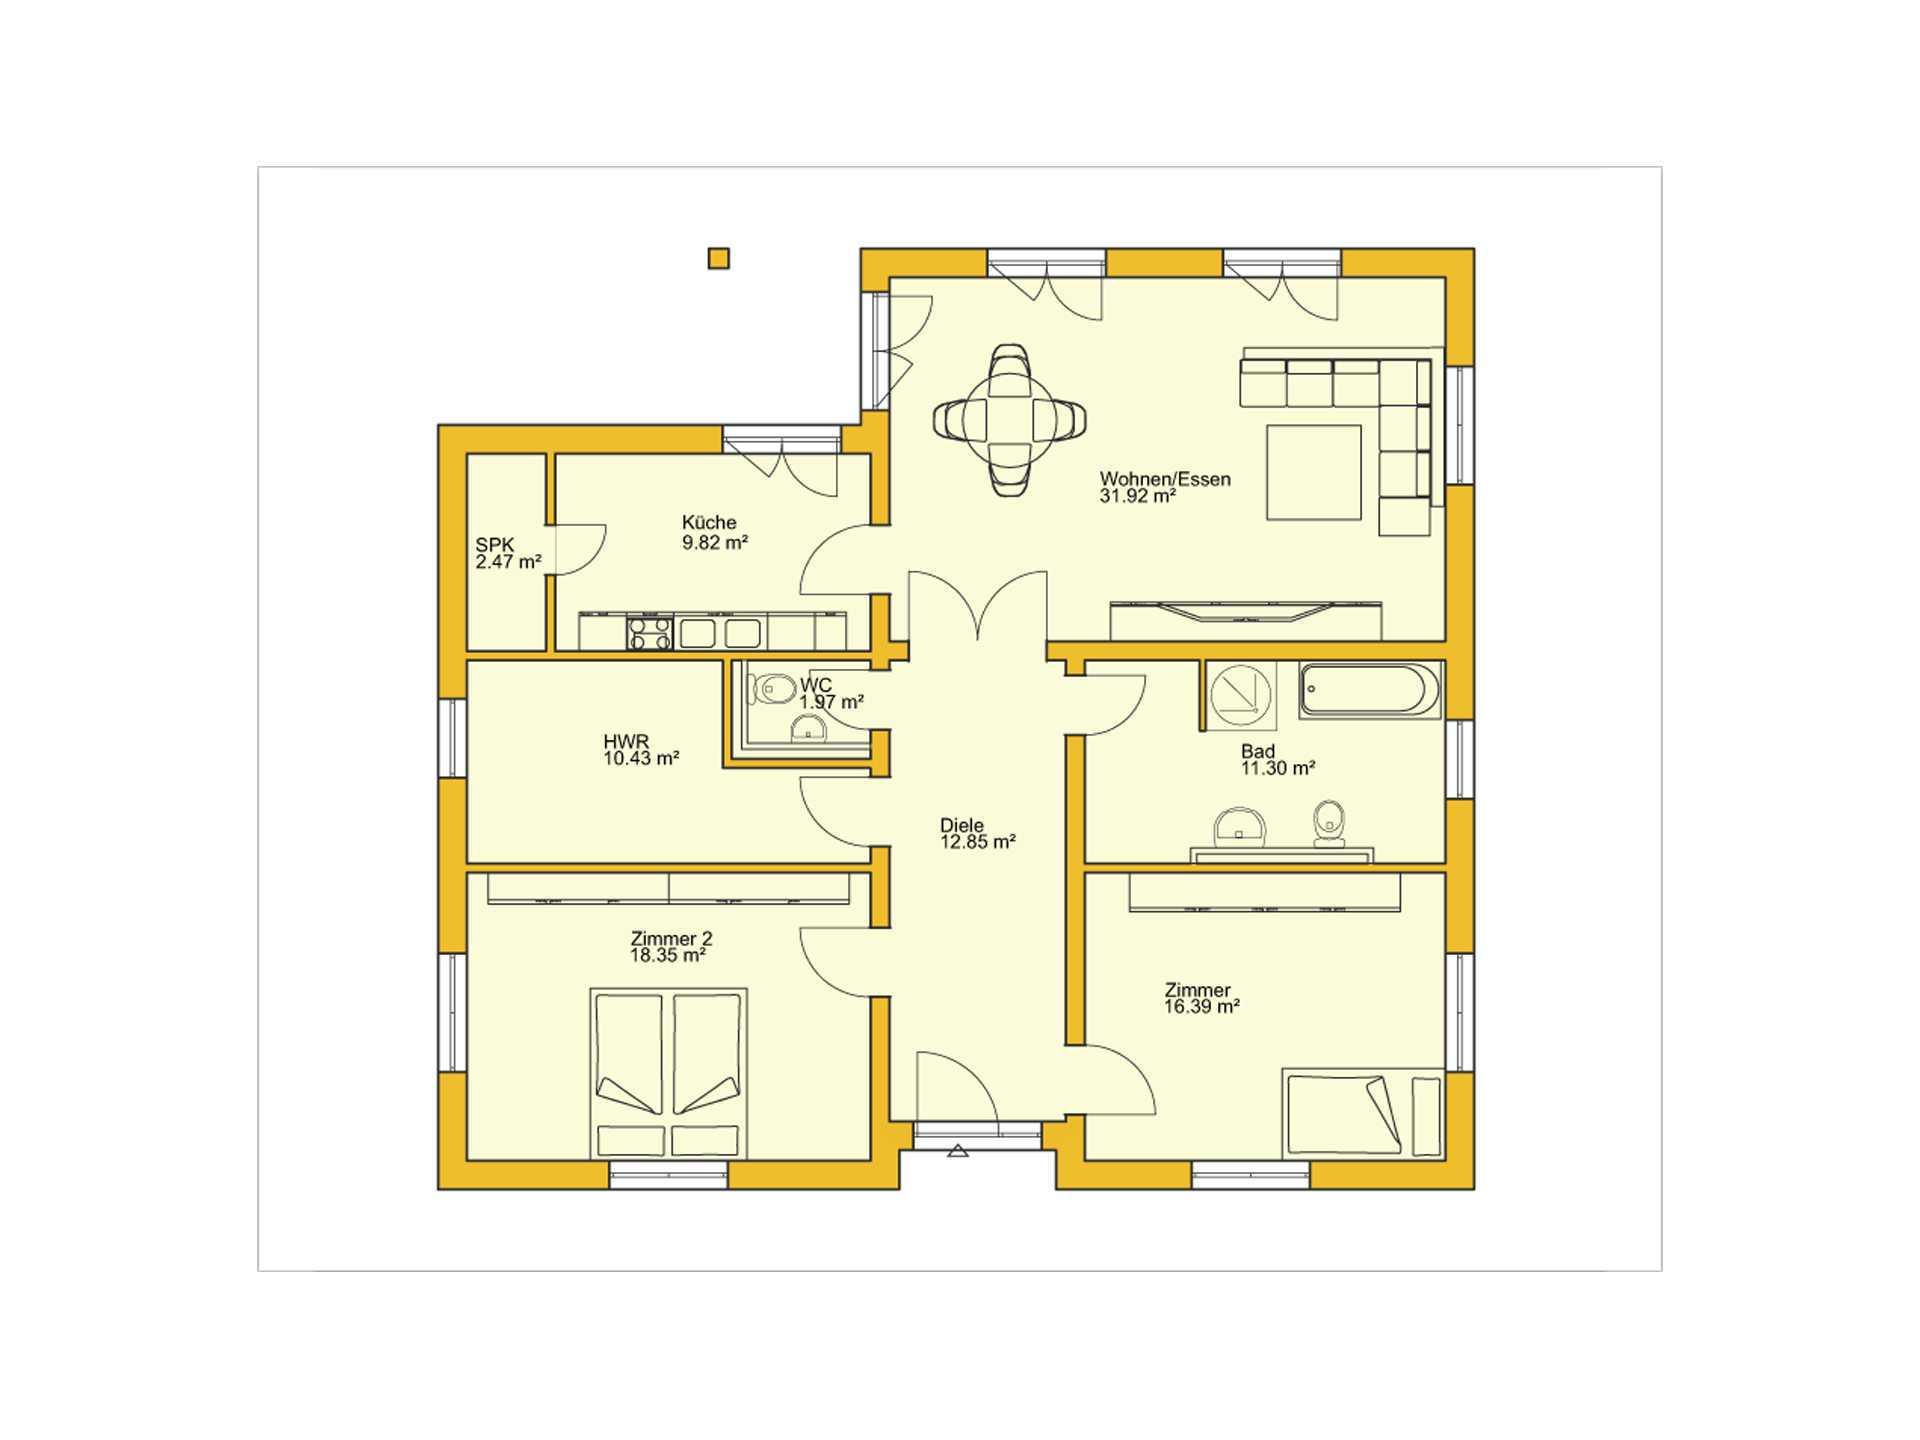 Beispielhaus 22.0 Grundriss EG von Ytong Bausatzhaus